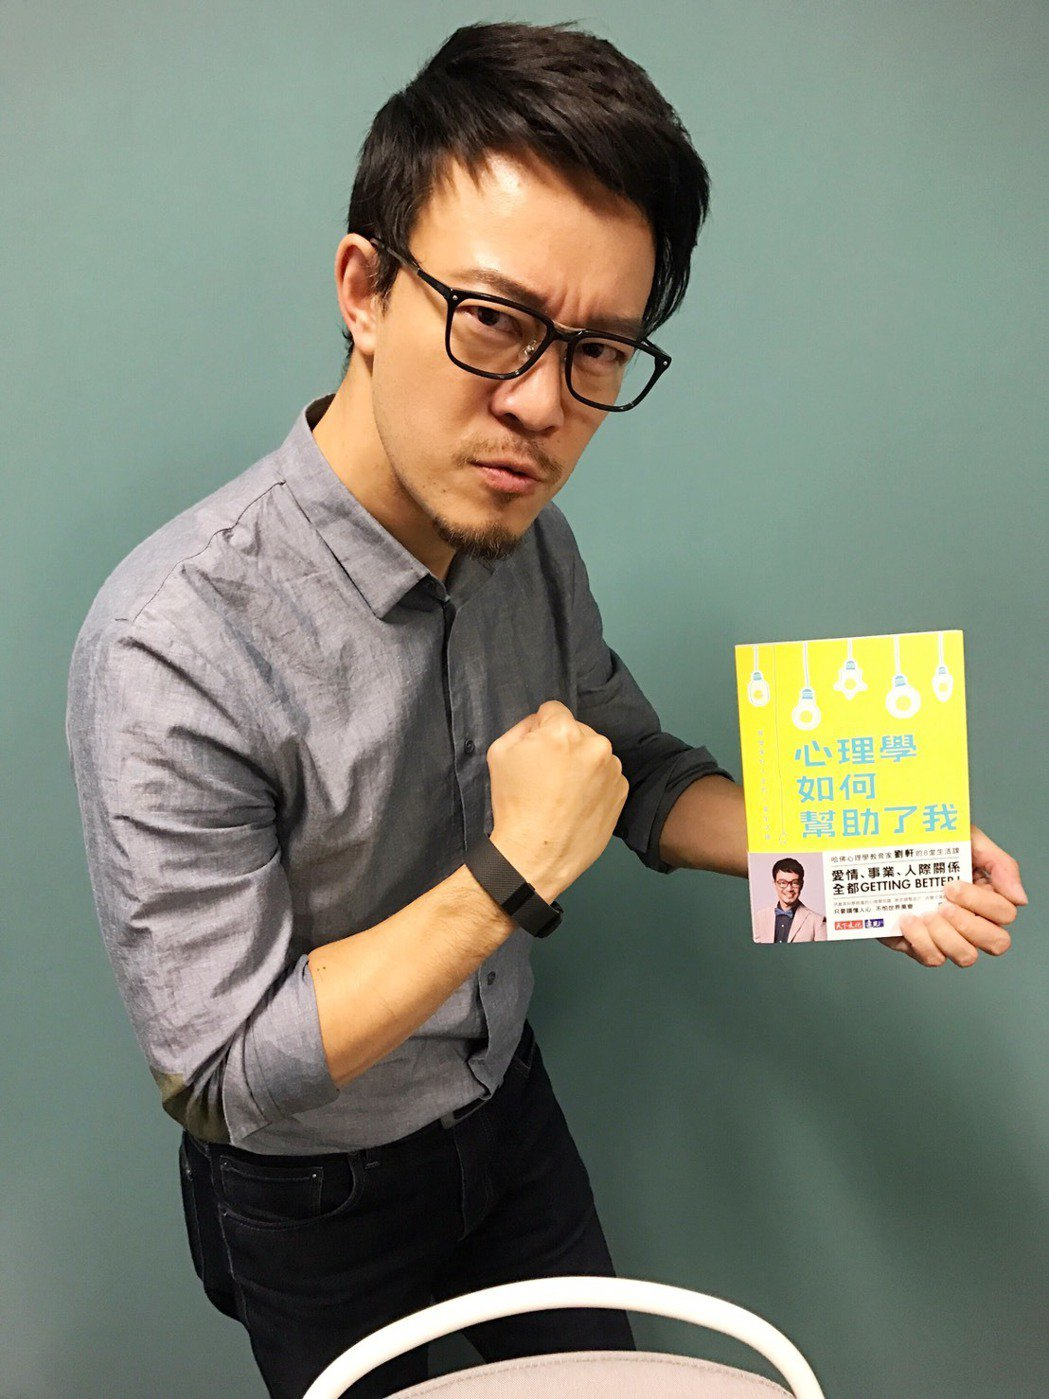 劉軒出版新書「心理學如何幫助了我」。圖/天下文化提供